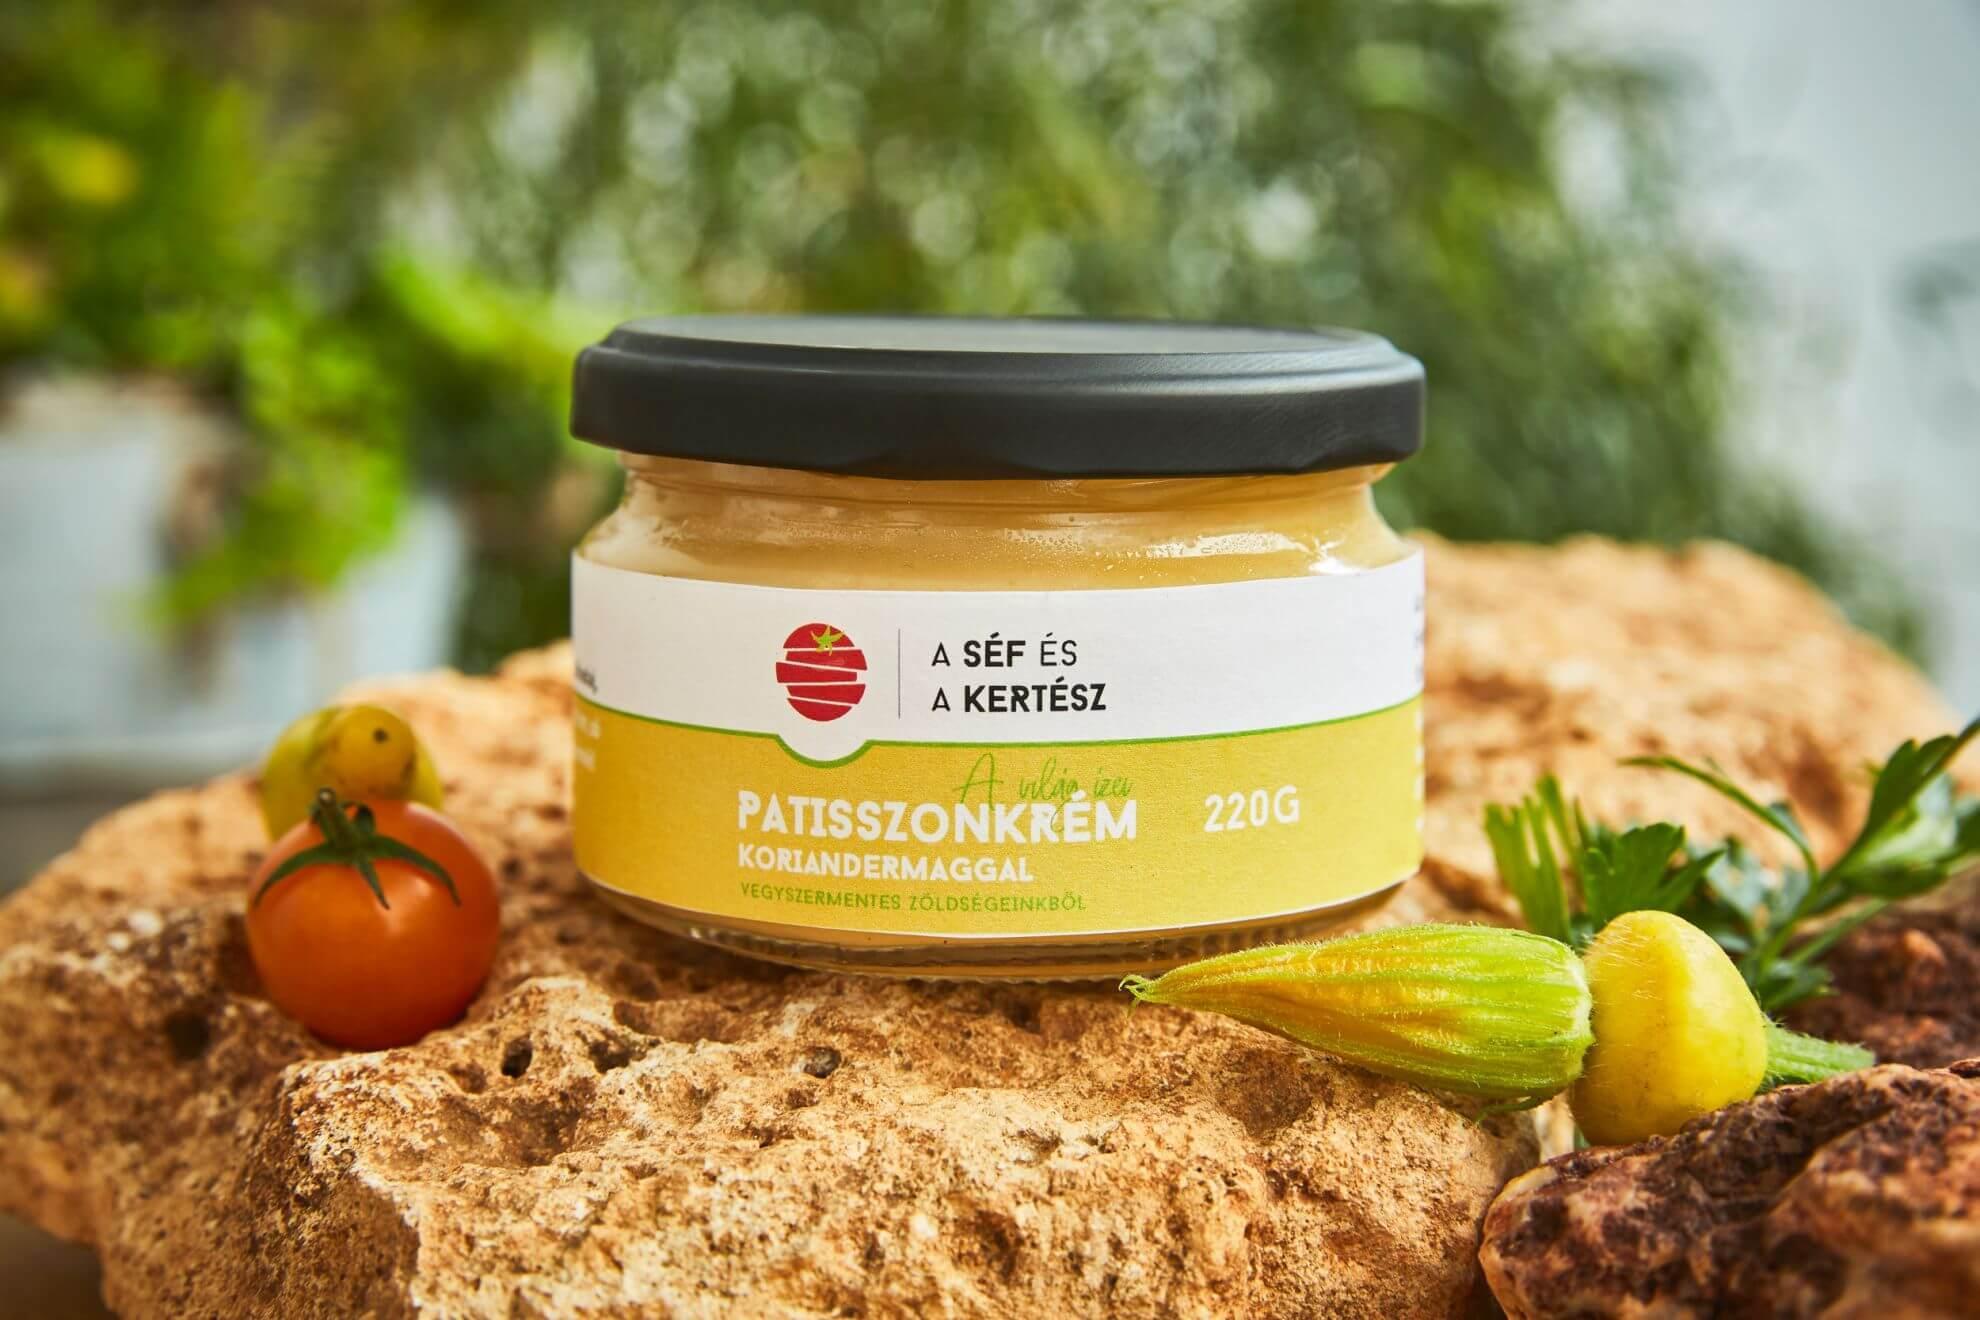 patiszonkrém – koriandermaggal – kézműves termék – a séf és a kertész